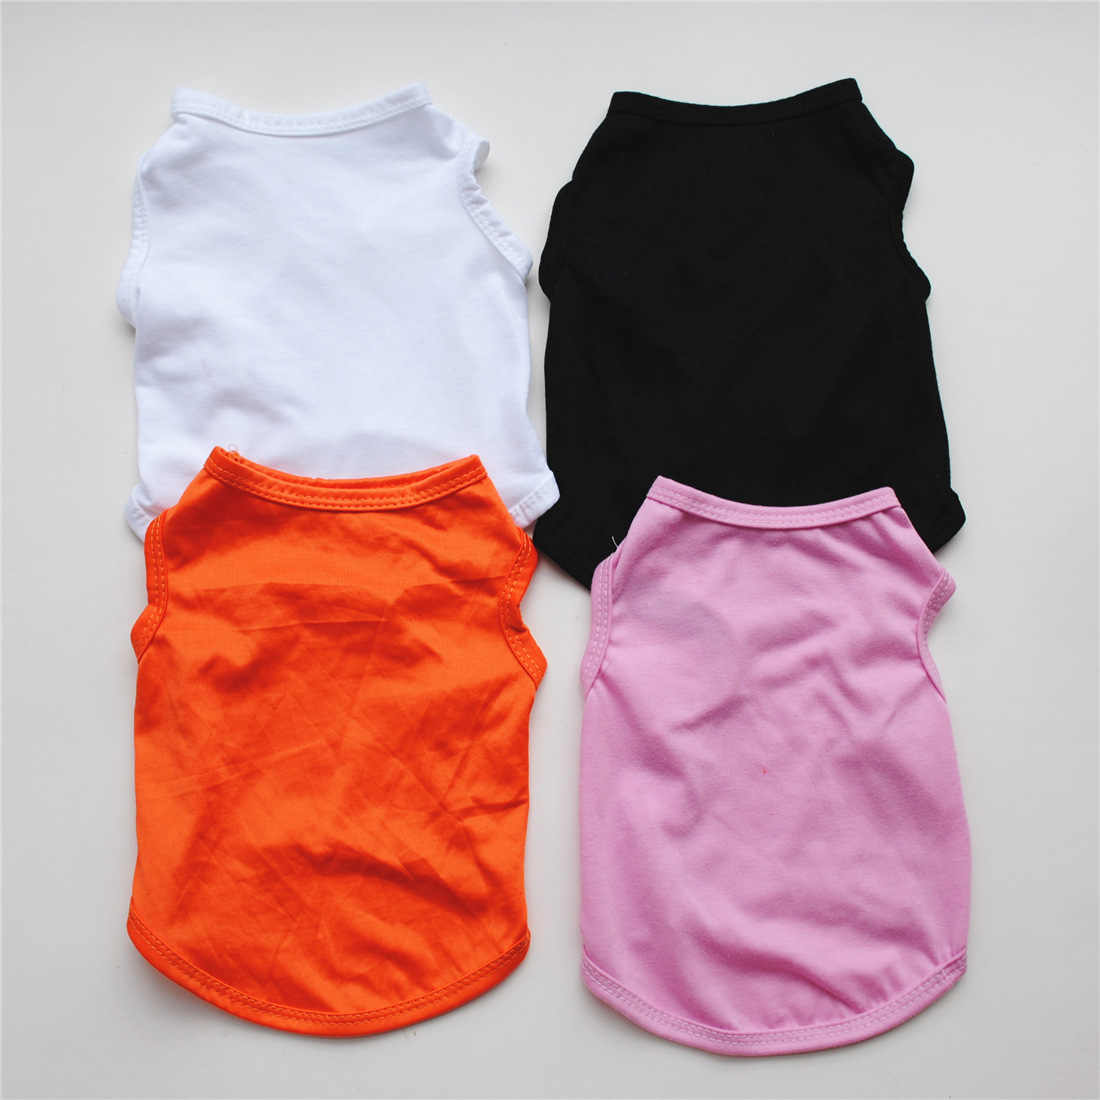 Одноцветное цвет собака рубашка дешевая одежда для собак для маленьких товары собак лето Чихуахуа футболка милый щенок жилет Йоркширский терьер